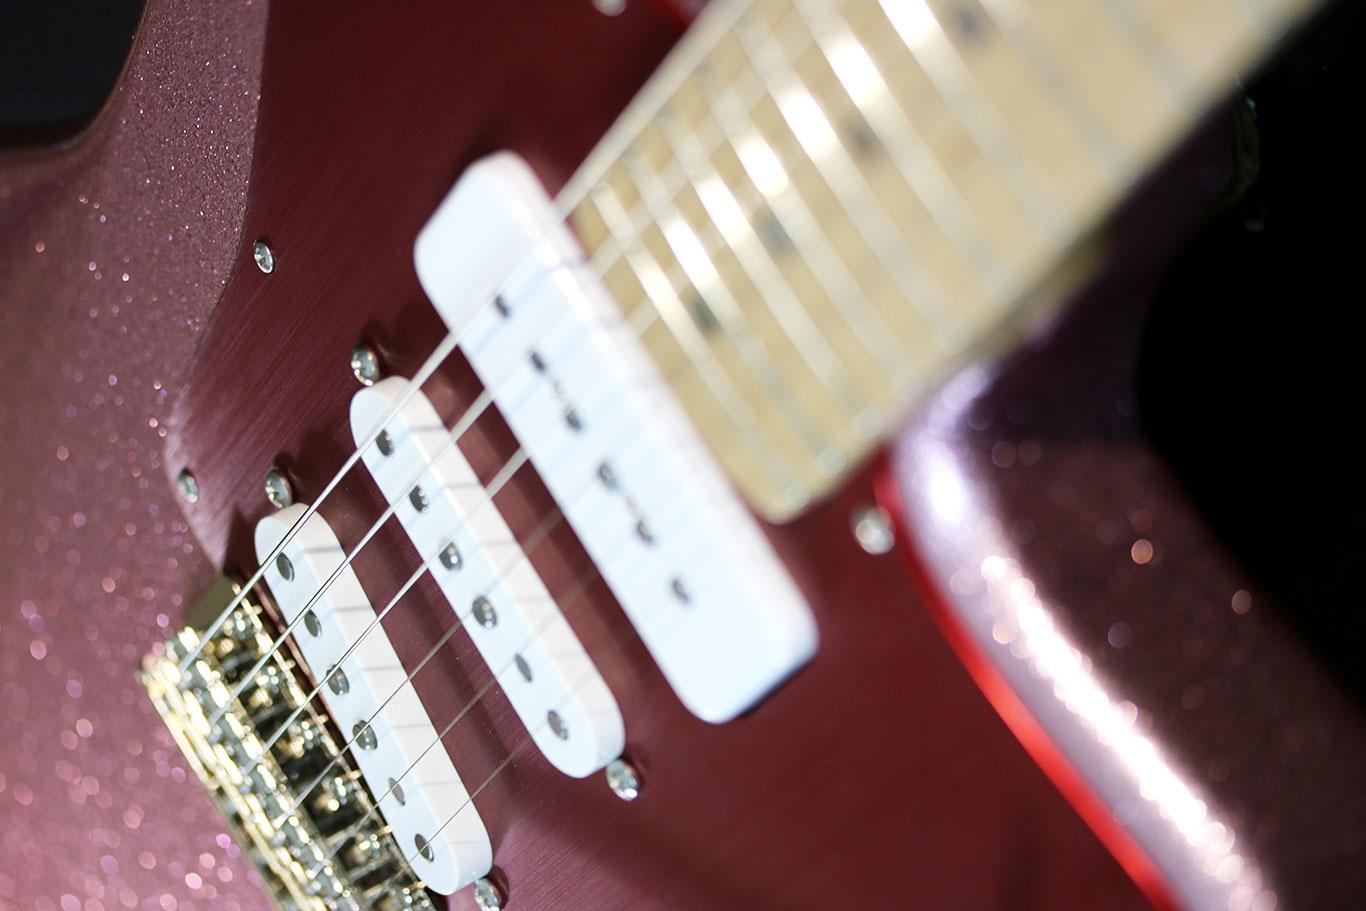 Deimel Firestar #156 Drangsal Gitarre